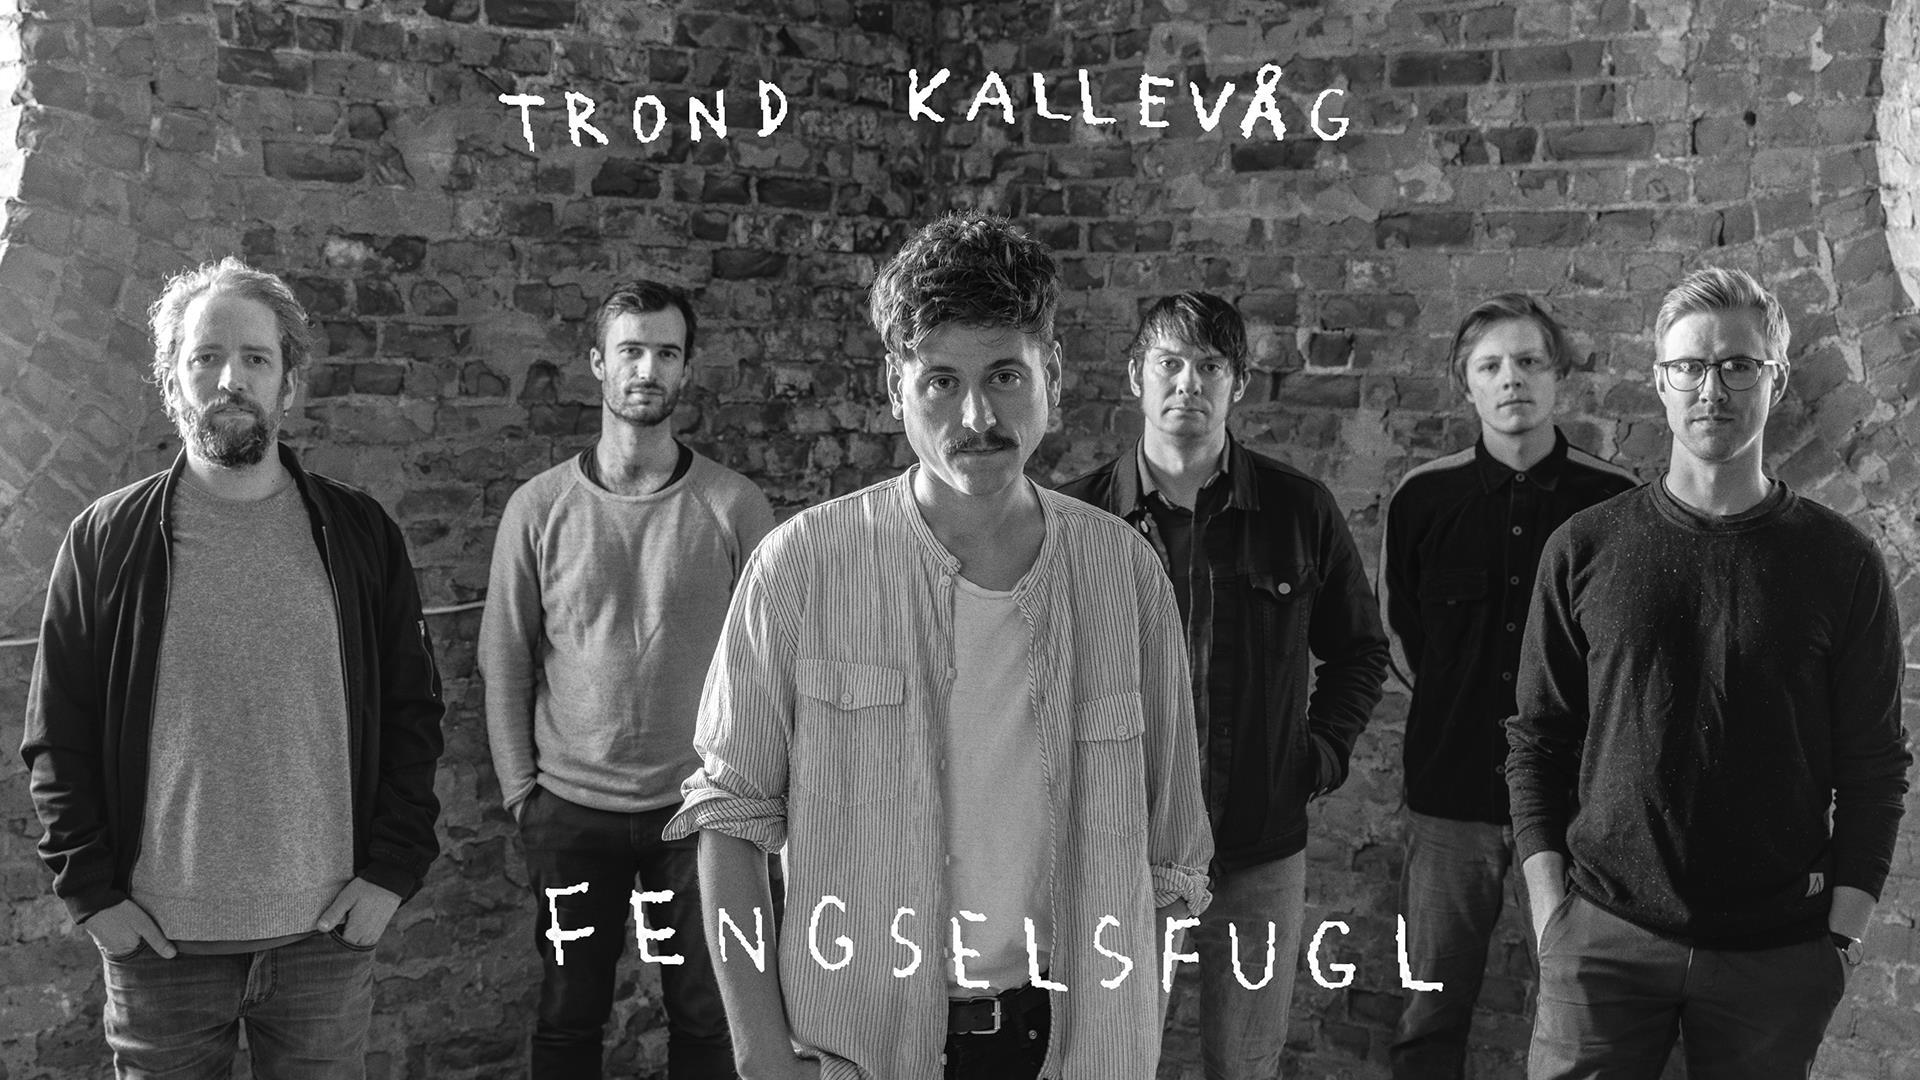 Trond Kallevåg